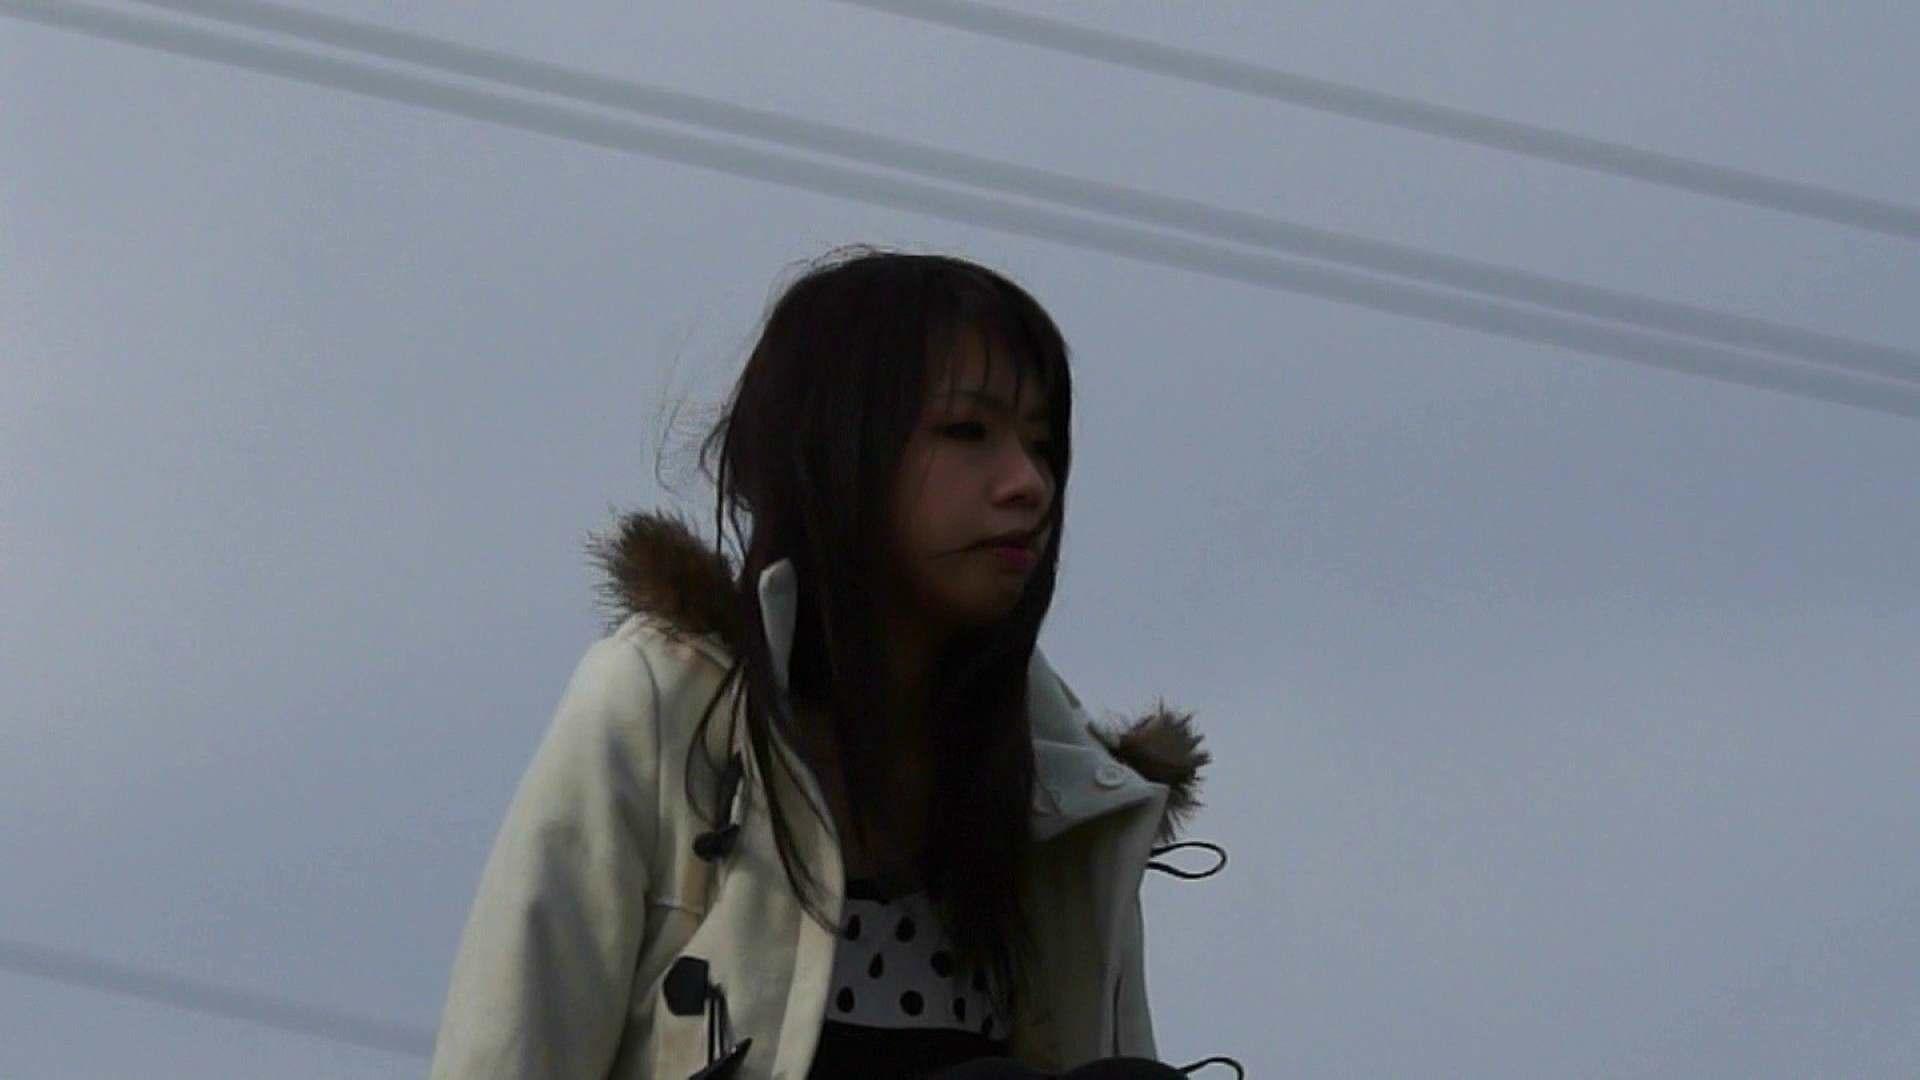 vol.2 自宅近く思い出の地で黄昏る志穂さん 高画質 AV無料 83画像 53